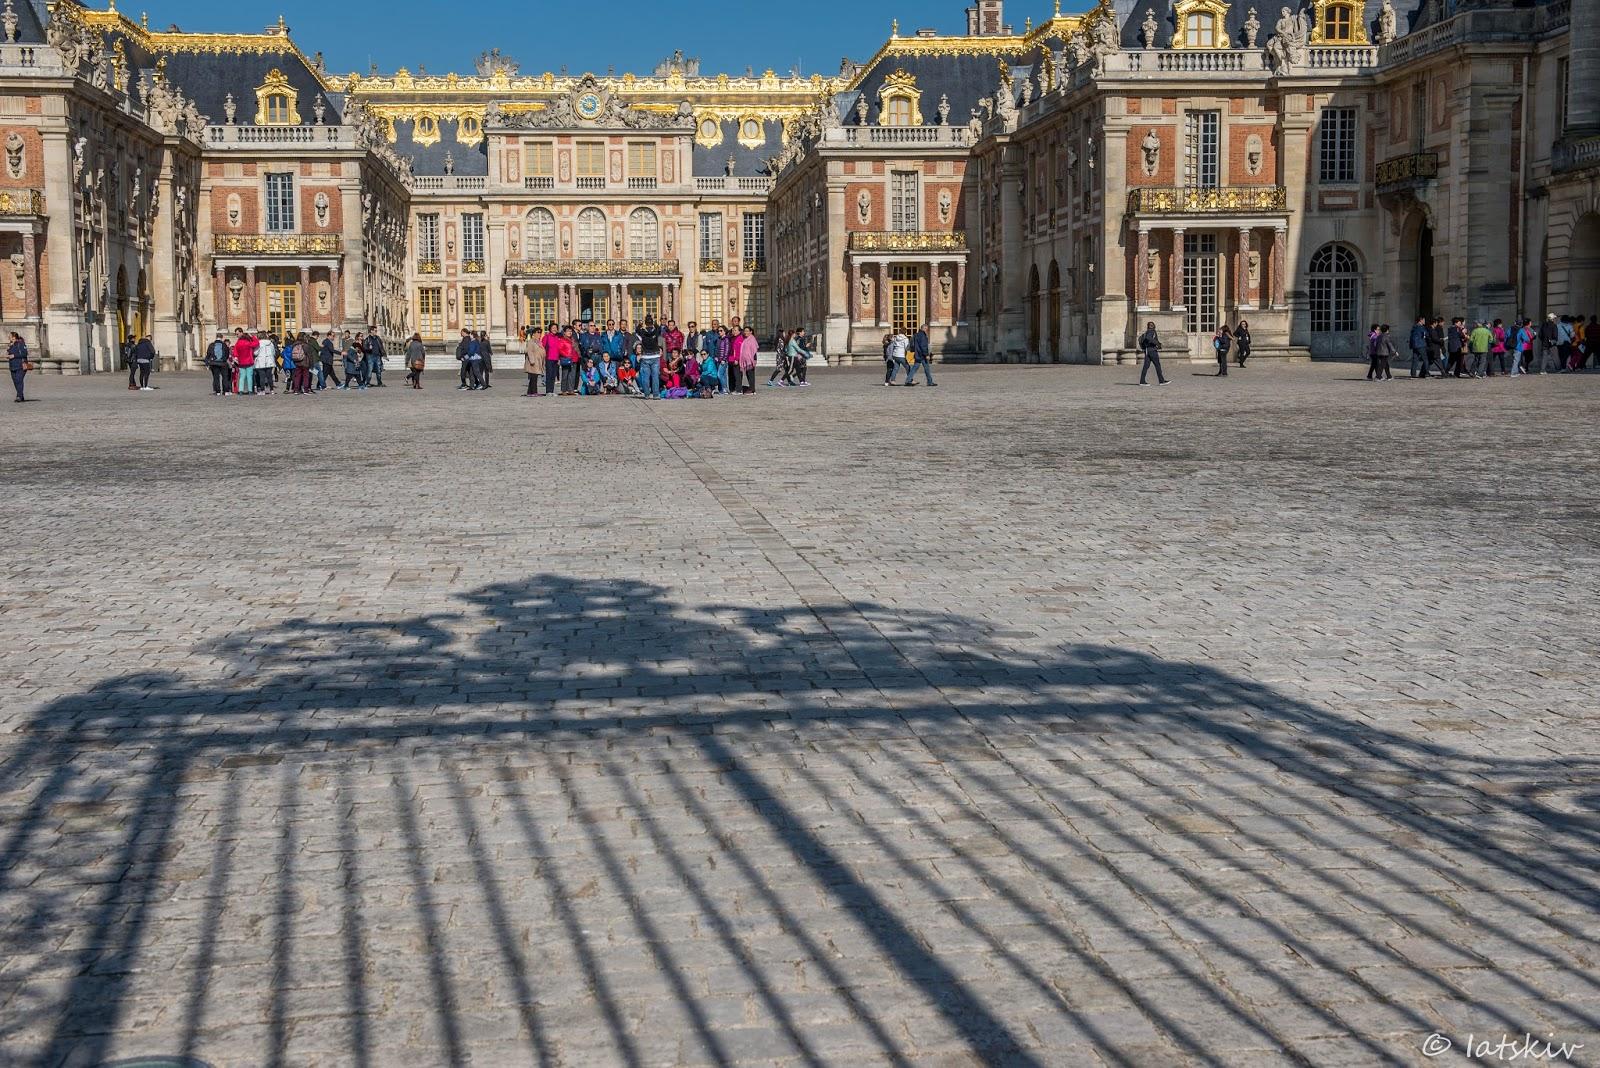 скандинавской внешности фото билетов в версаль пройти пешком